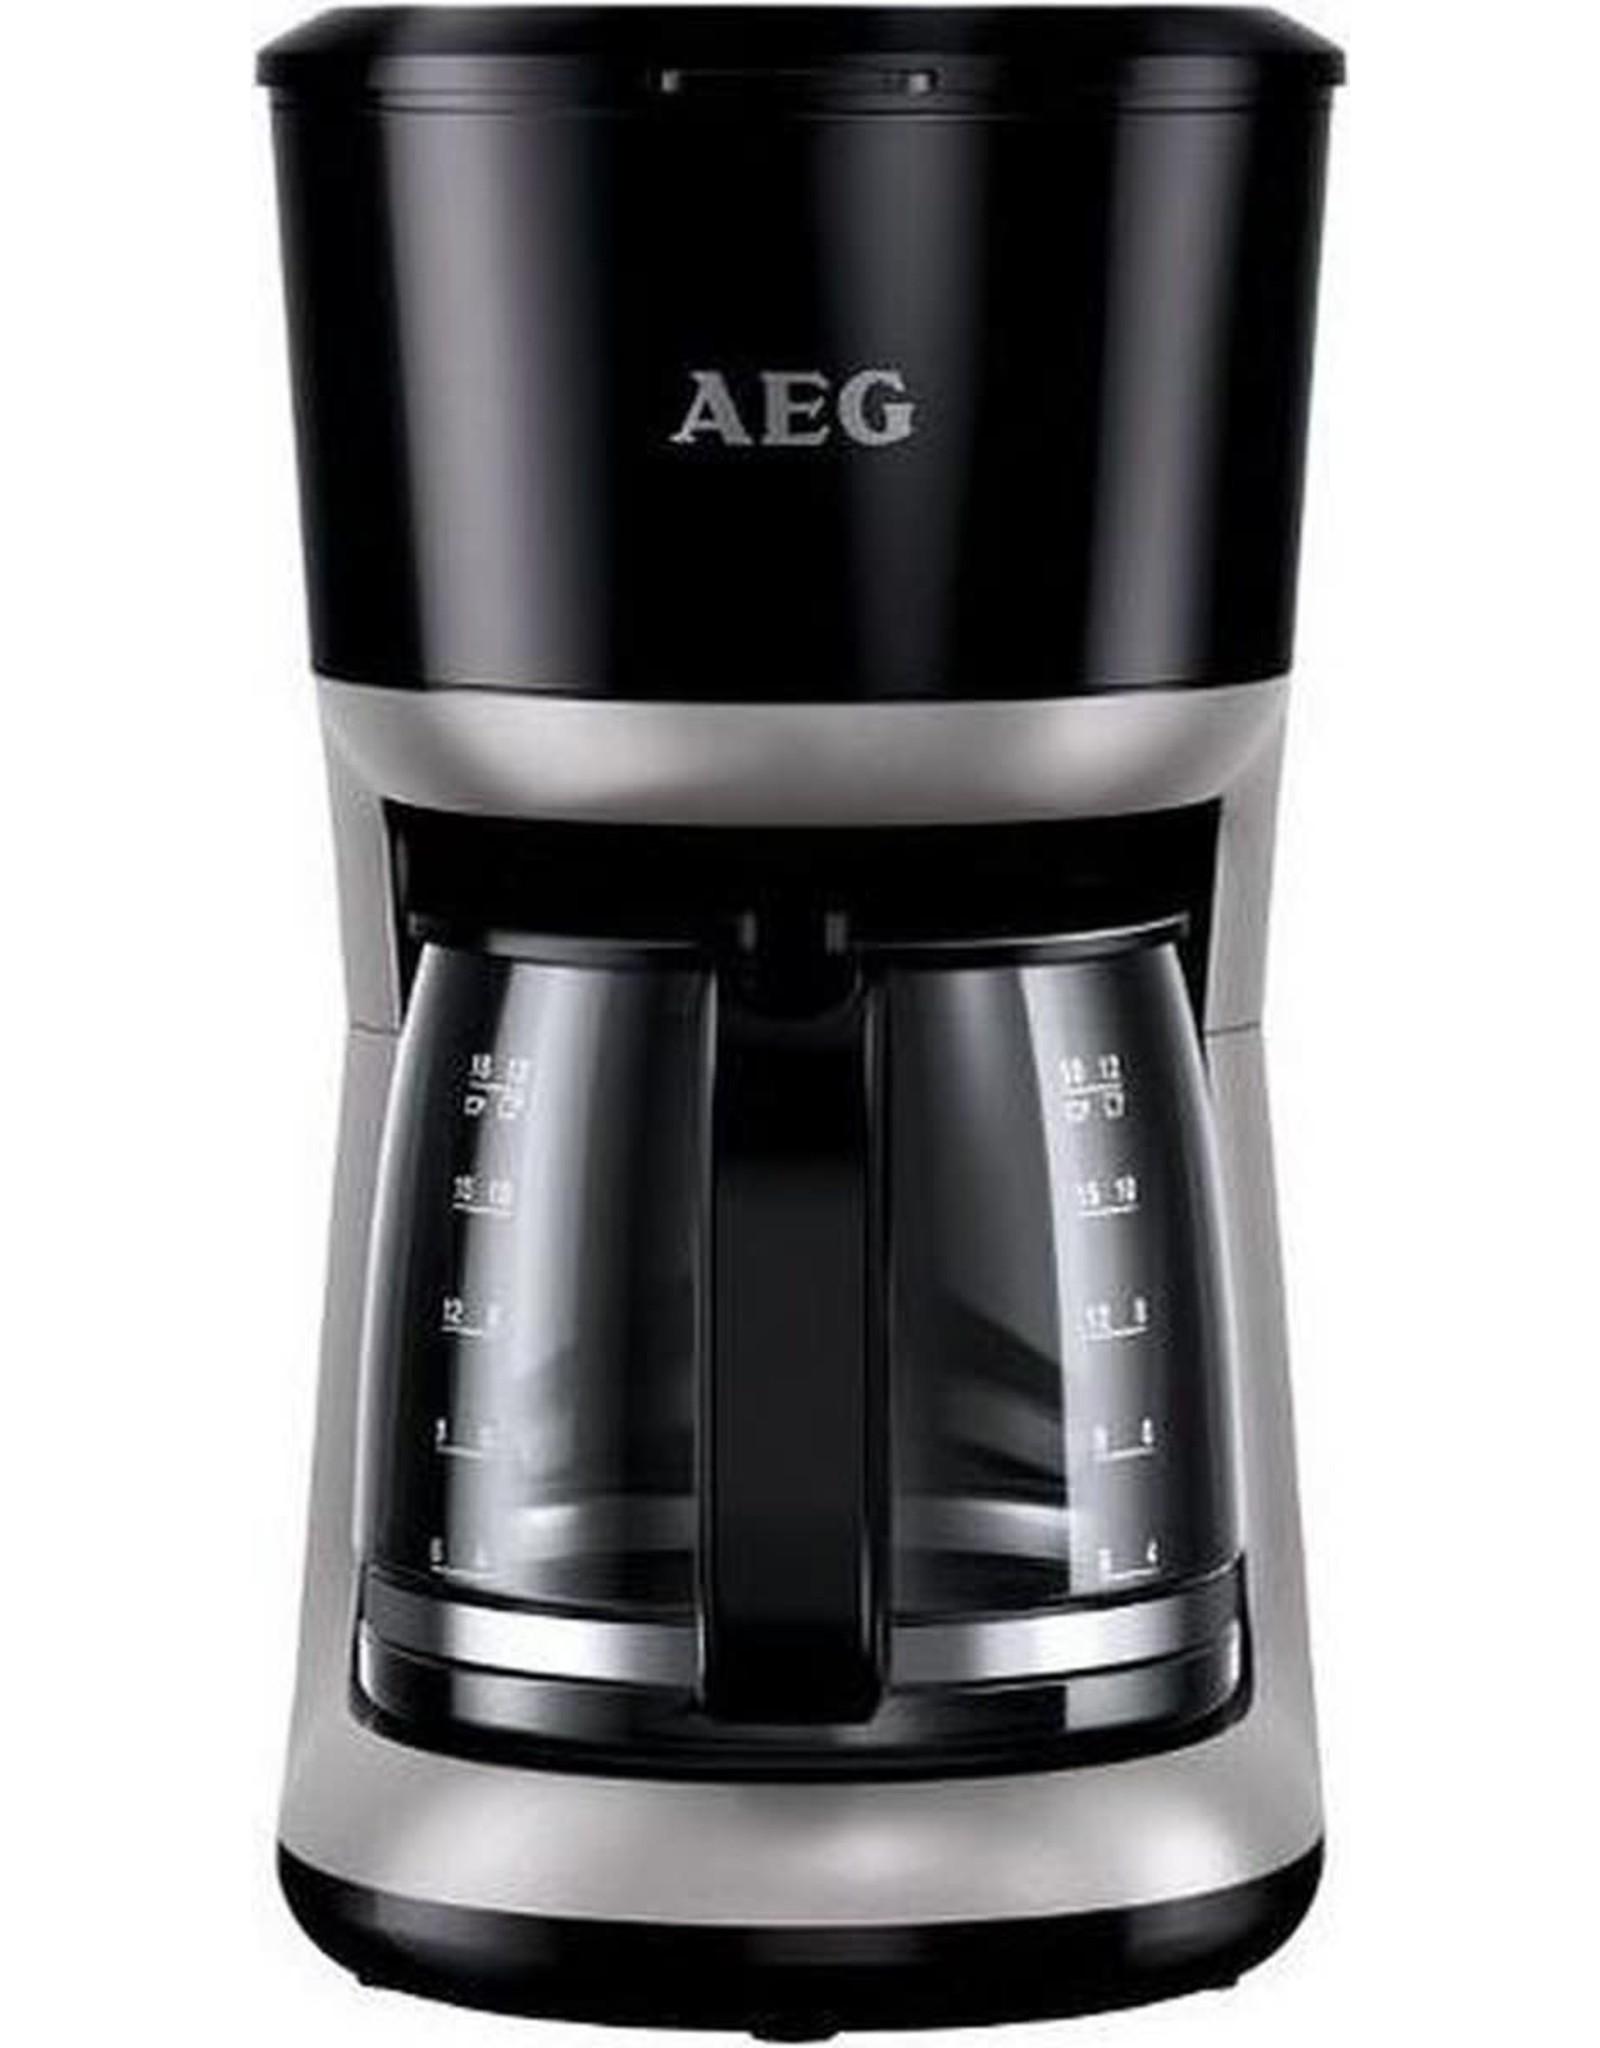 AEG AEG KF3300 ZWART